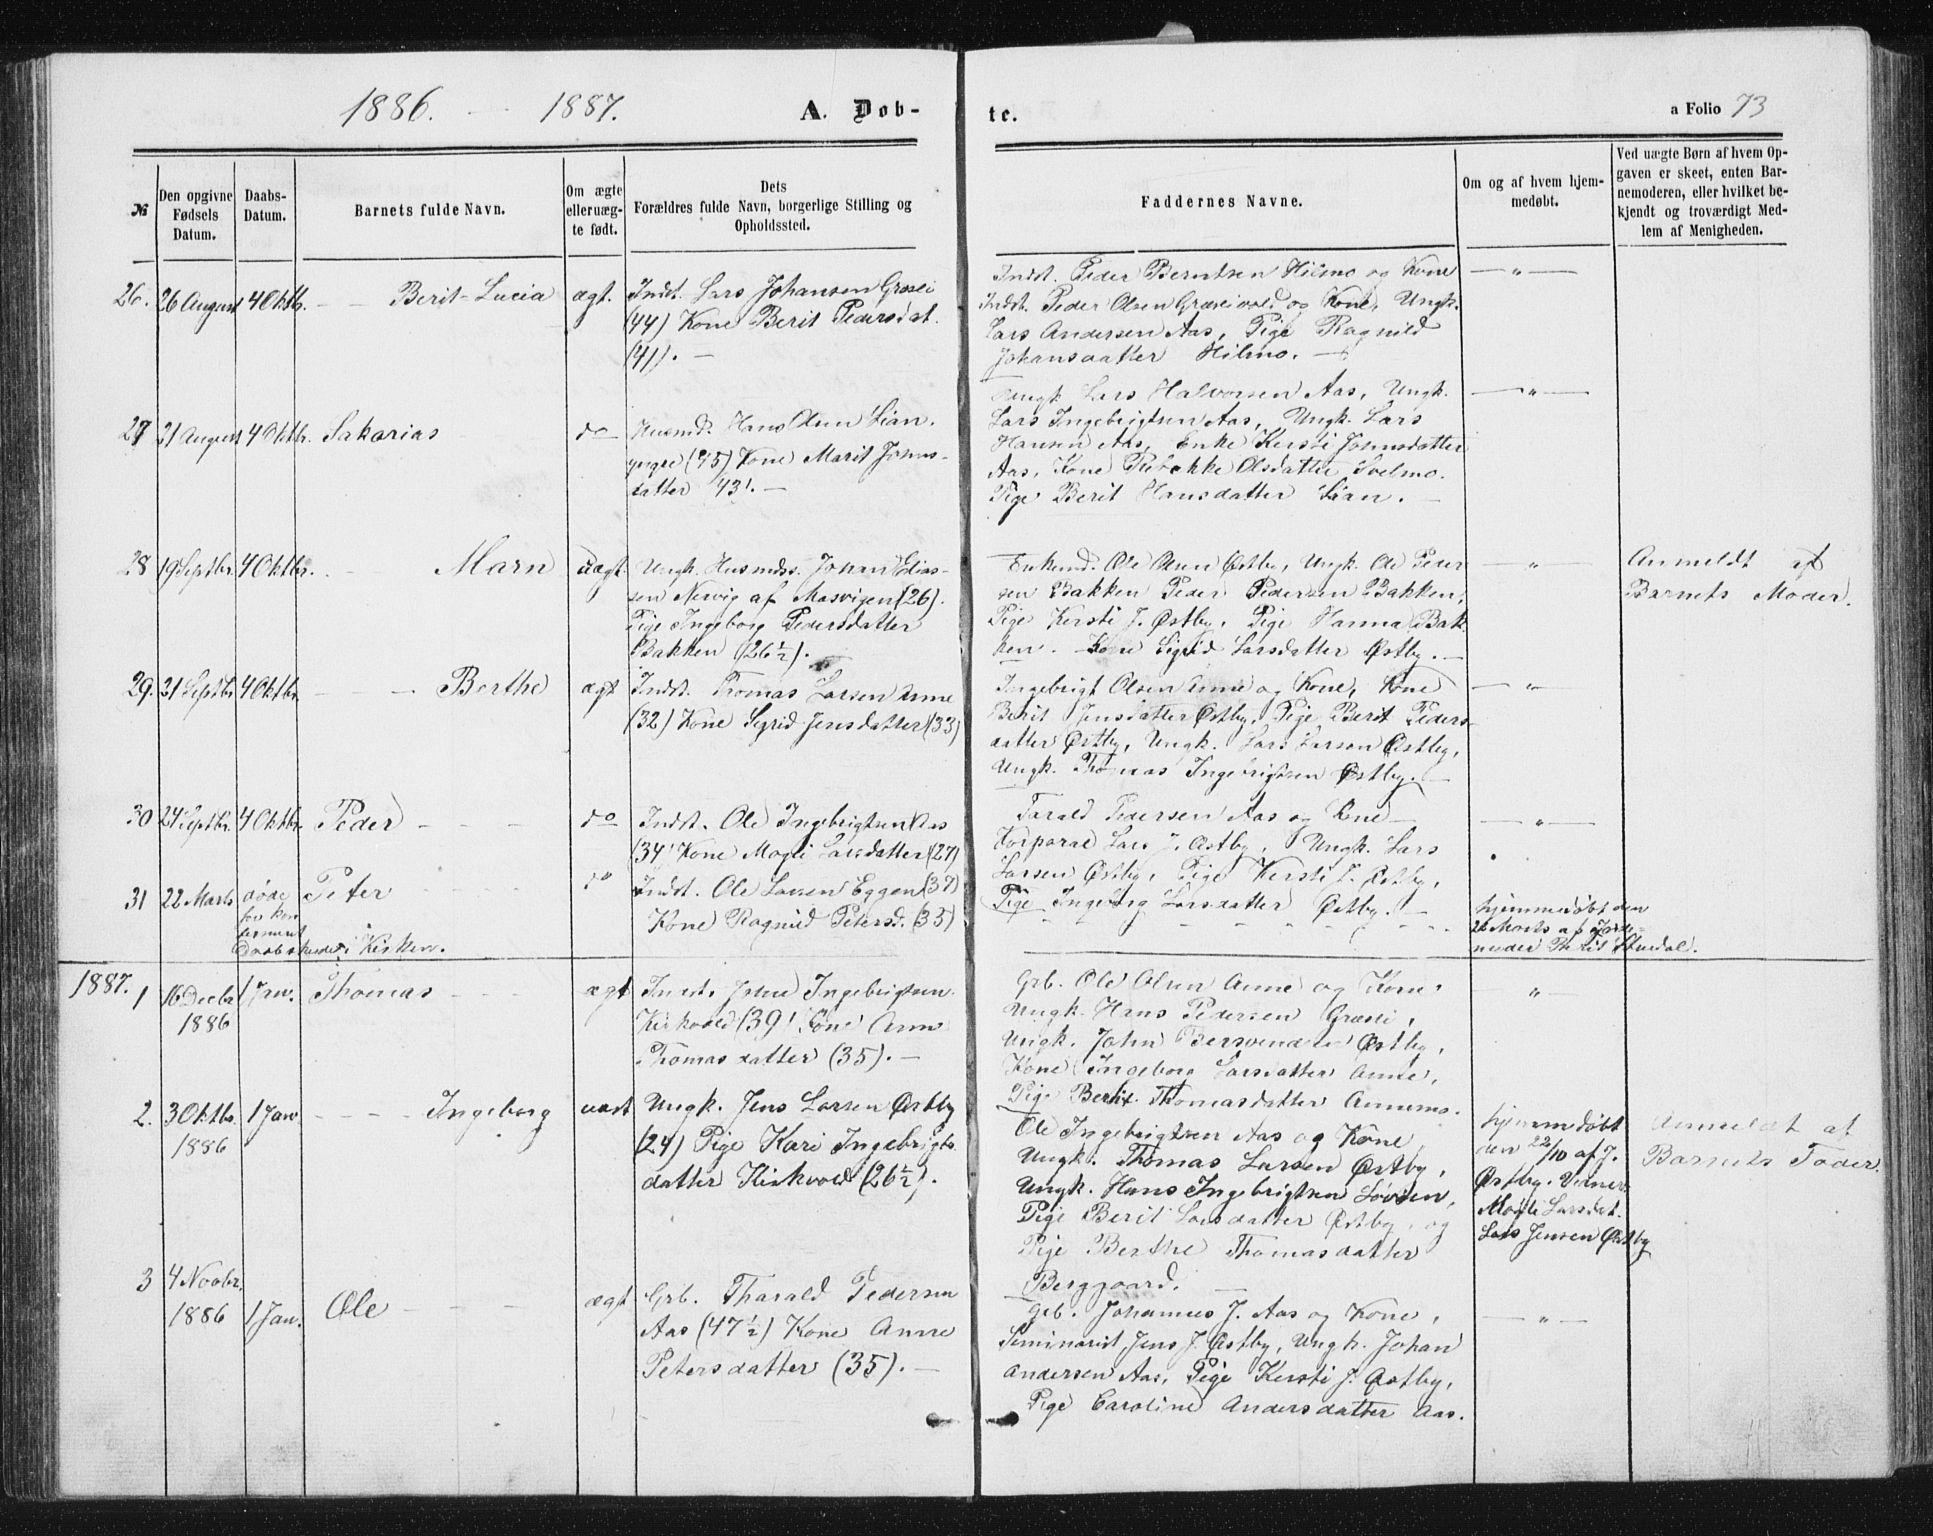 SAT, Ministerialprotokoller, klokkerbøker og fødselsregistre - Sør-Trøndelag, 698/L1166: Klokkerbok nr. 698C03, 1861-1887, s. 73